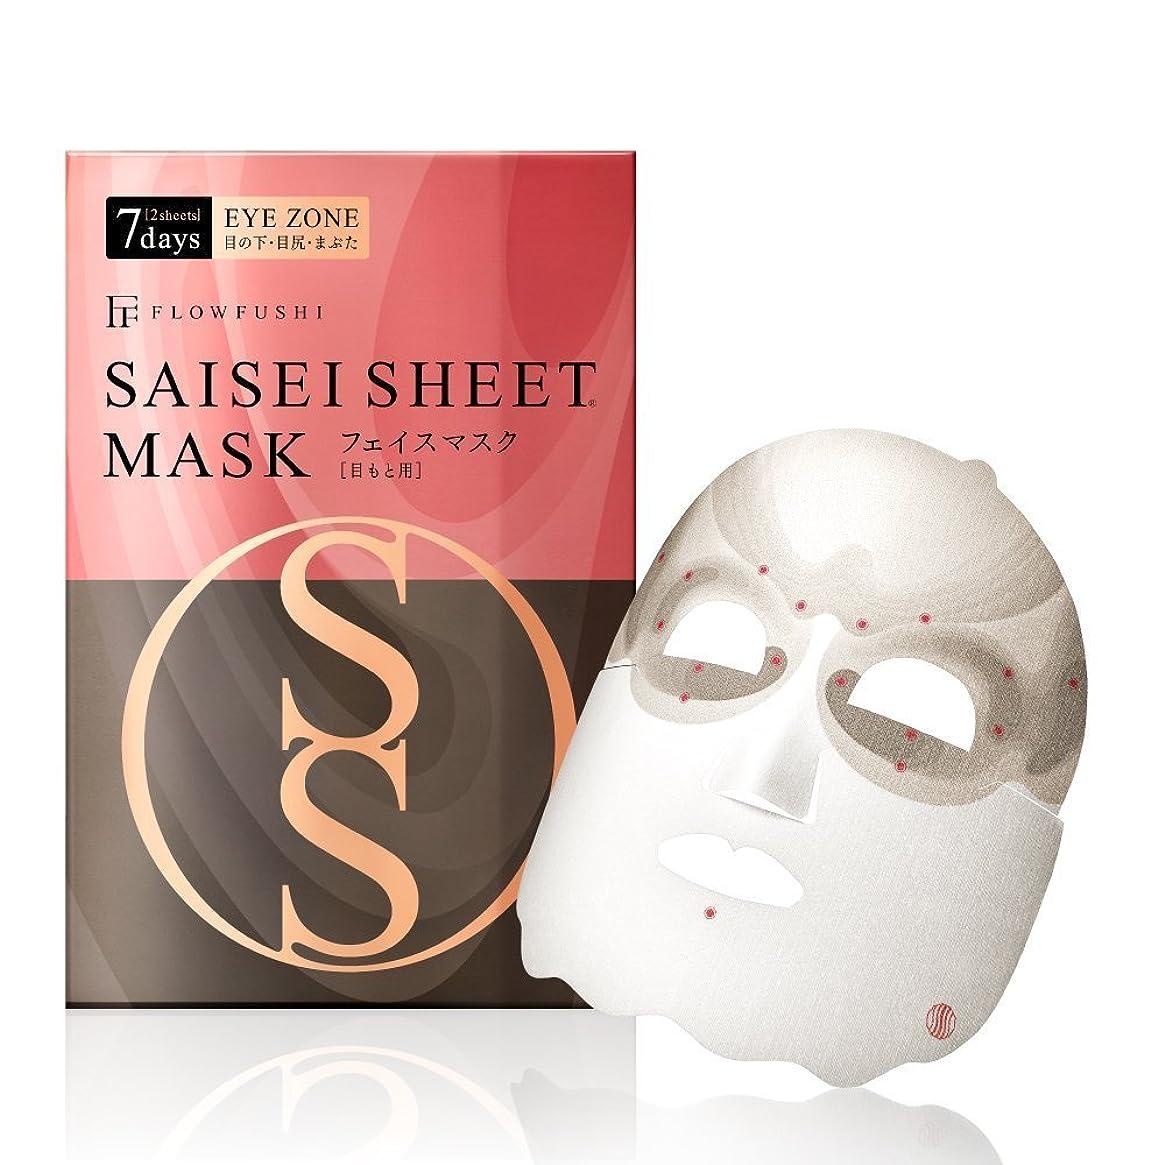 爆風連鎖専門SAISEIシート マスク [目もと用] 7days 2sheets